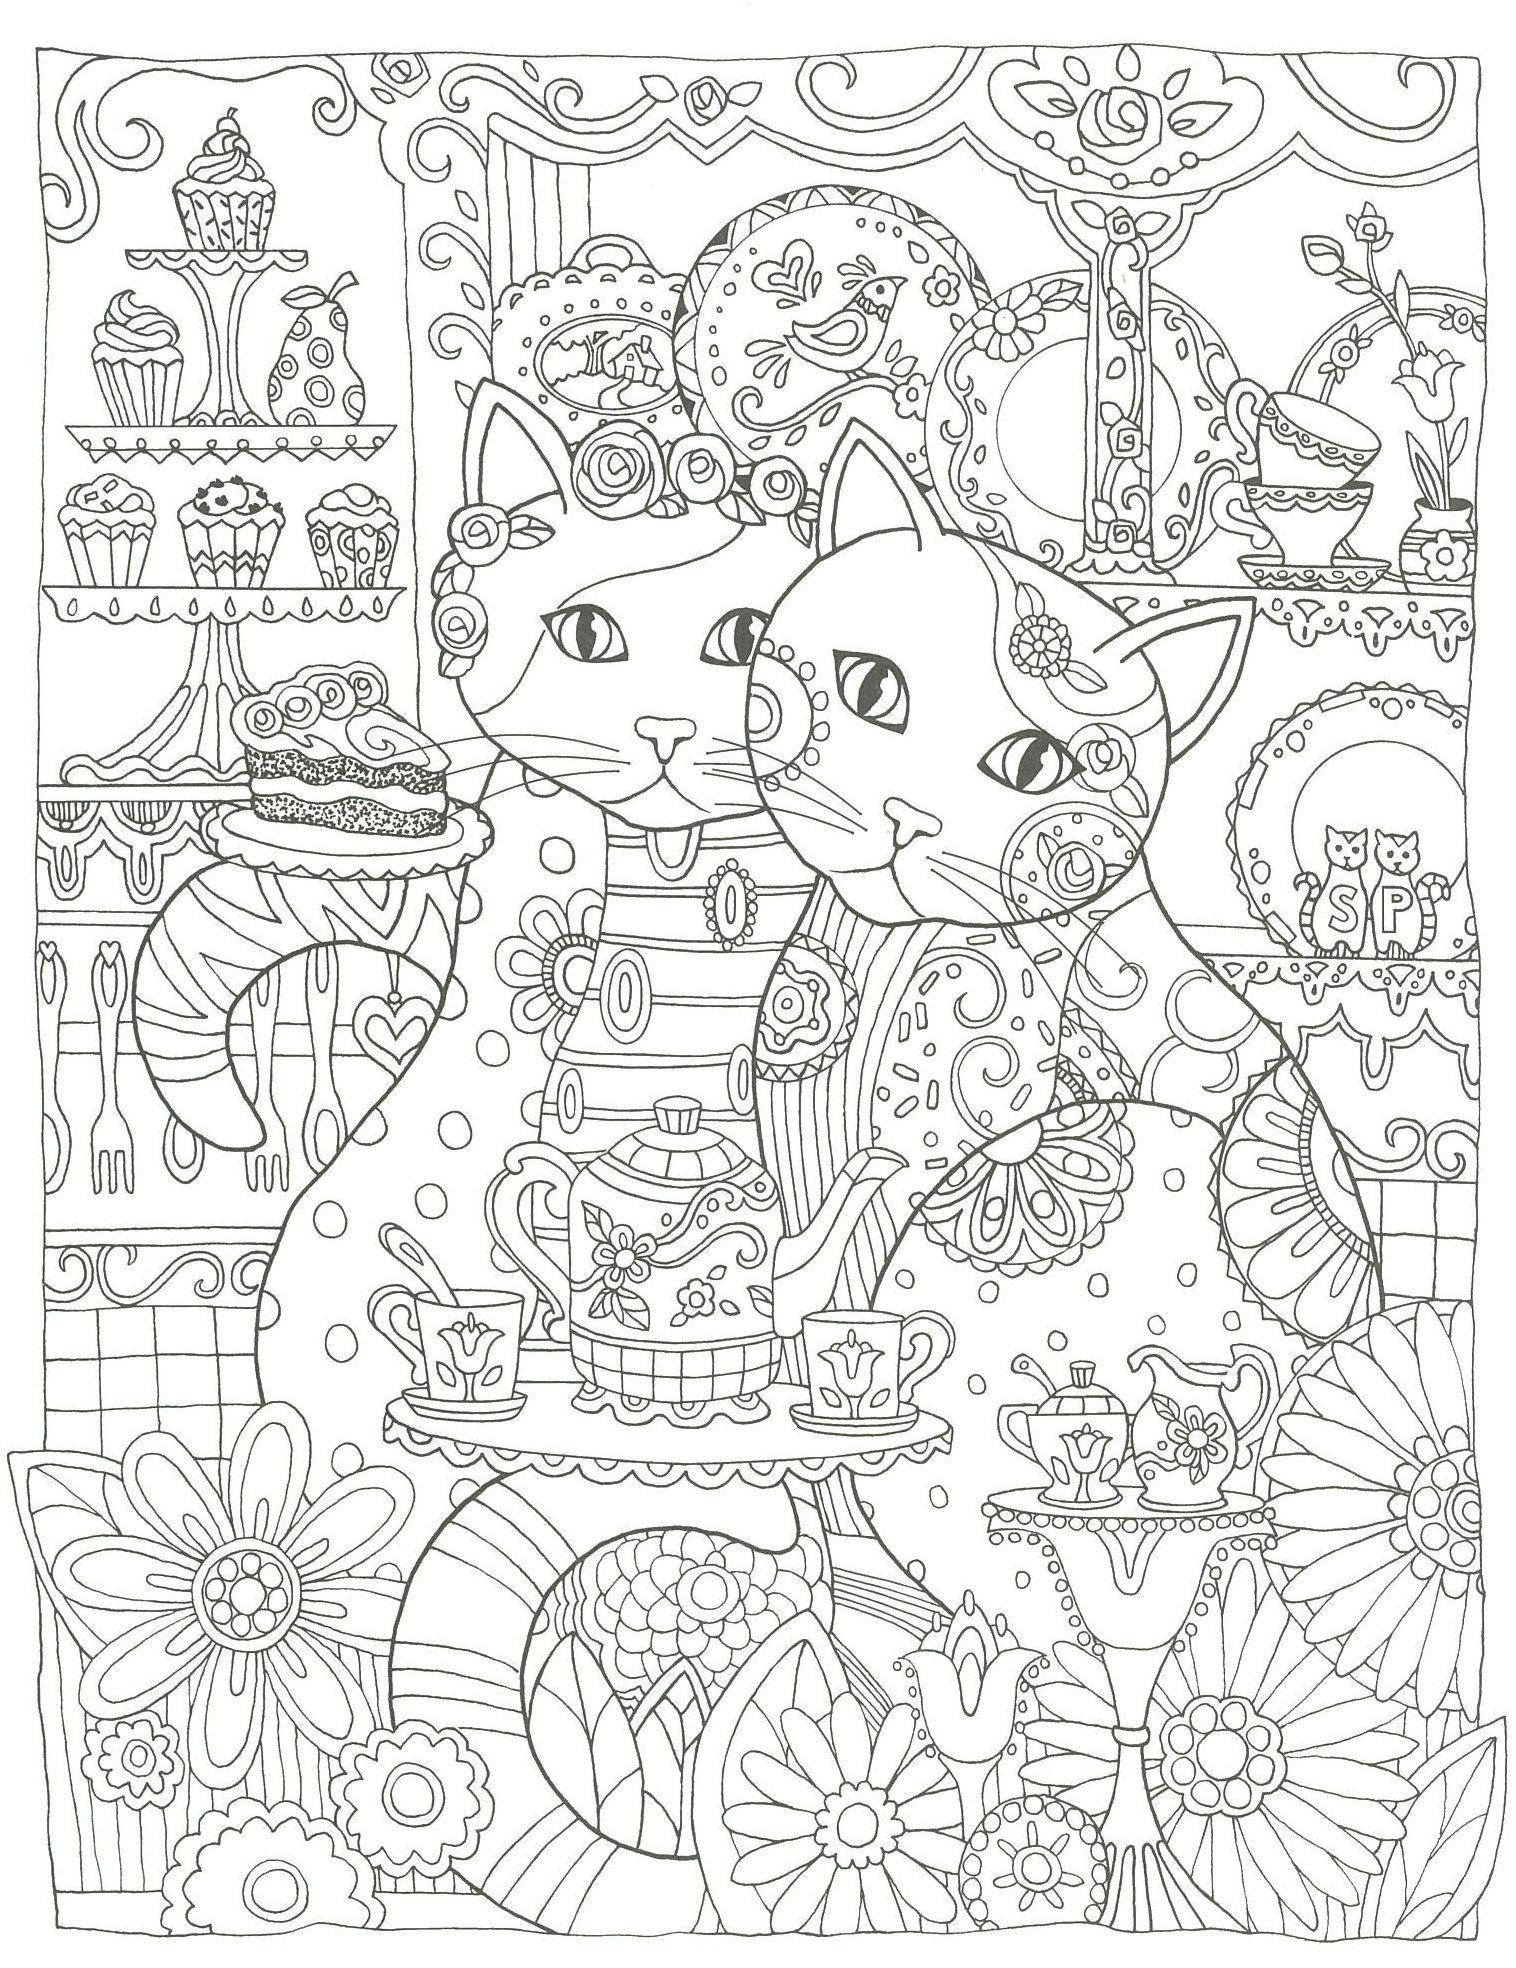 Pin de nana en レトロイラスト&塗り絵 | Pinterest | Dibujo